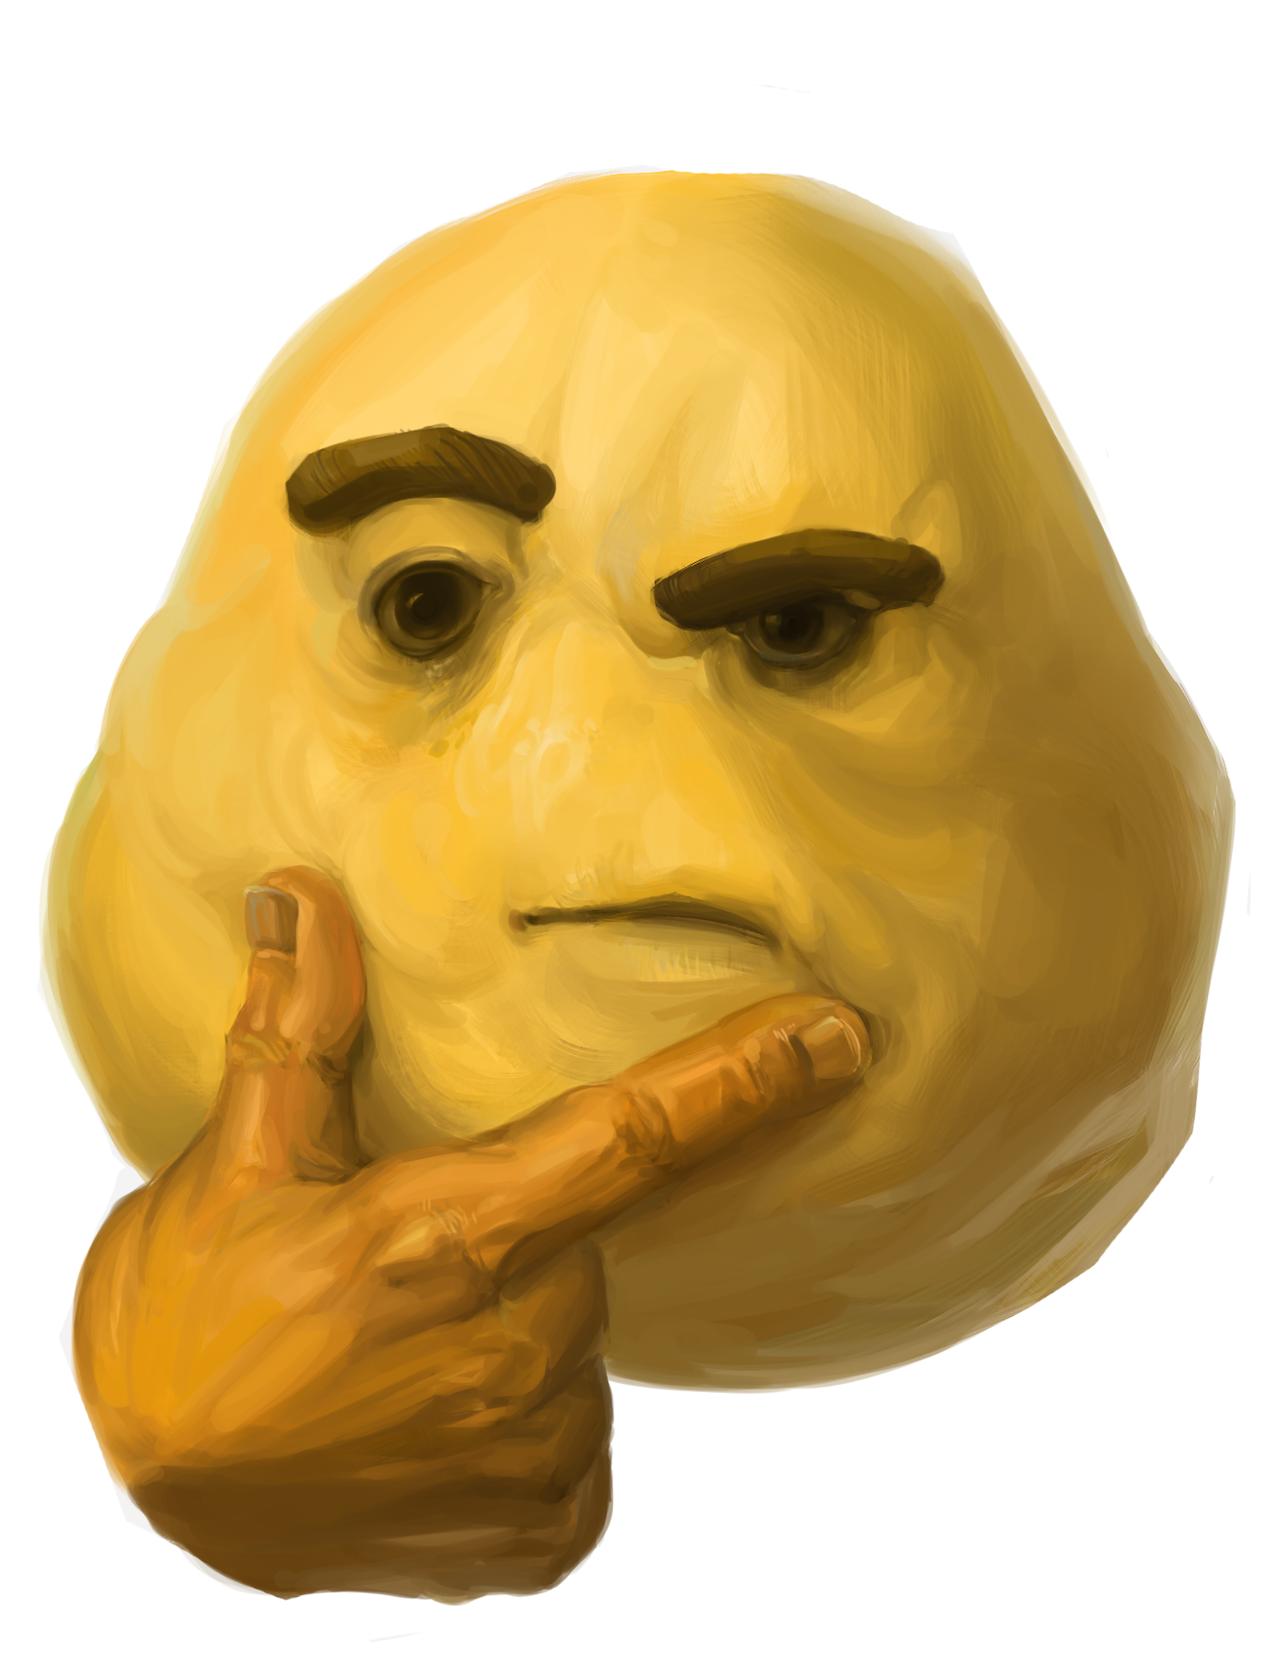 znalezione obrazy dla zapytania thinking emoji meme meme